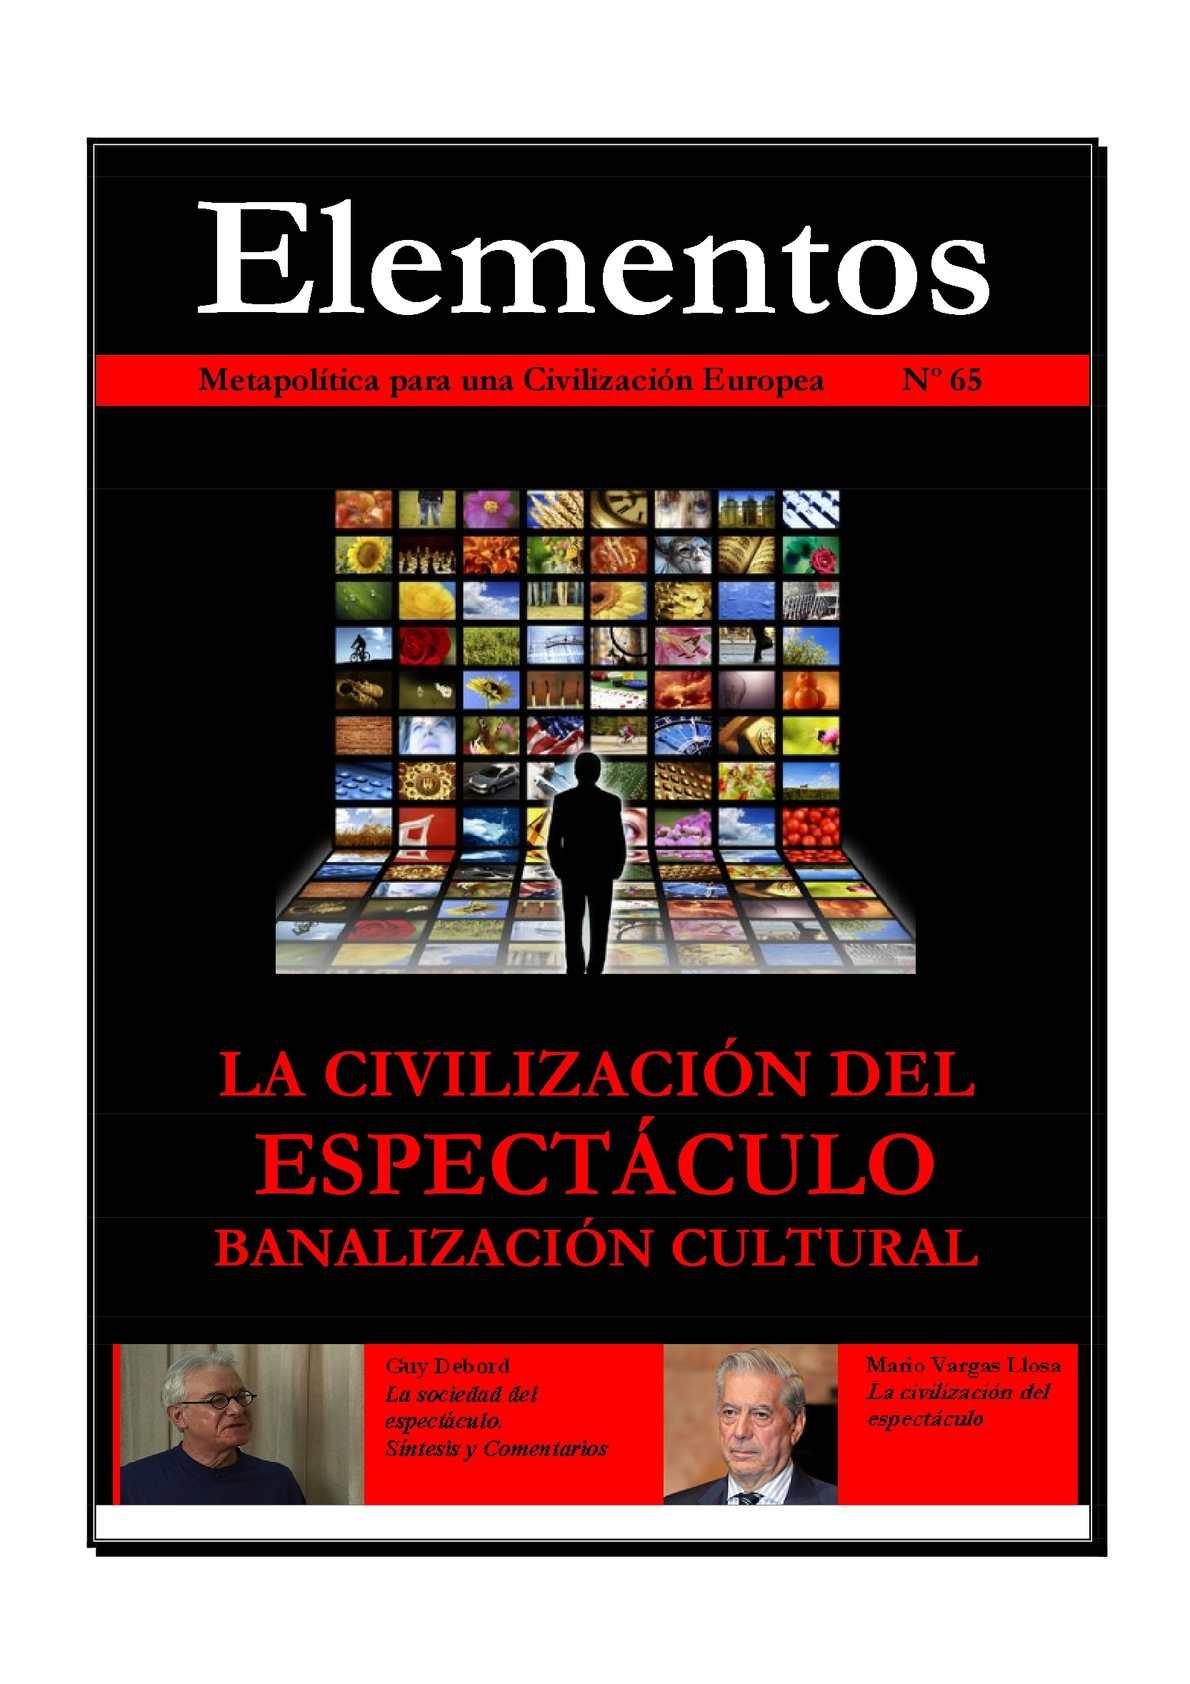 Elementos 65 : La civilización del espectáculo